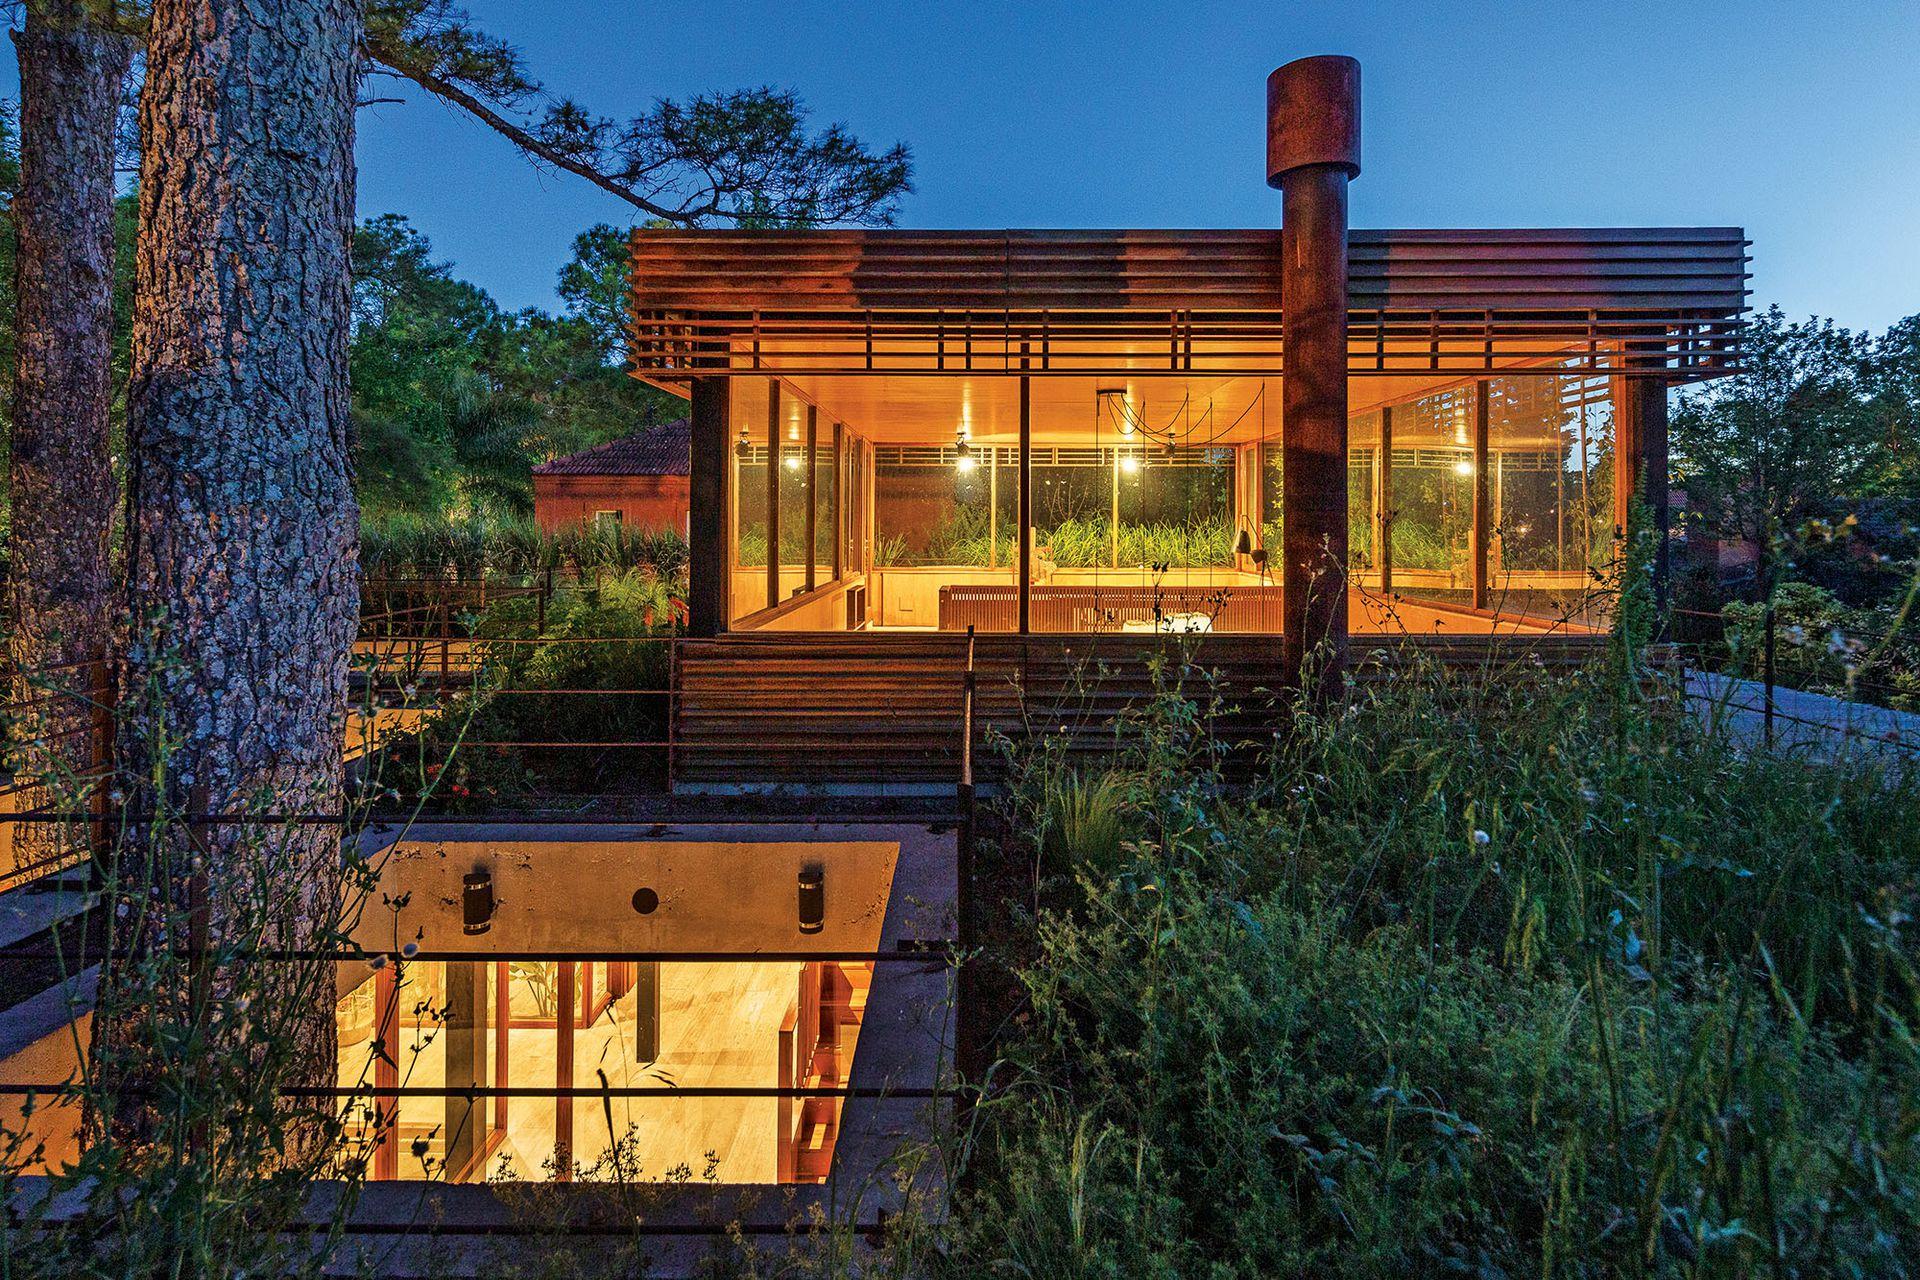 La arquitecta pensó el proyecto en dos bloques horizontales y alargados, que pudieran contrastar con el carácter vertical de las coníferas y, así, destacar su protagonismo.